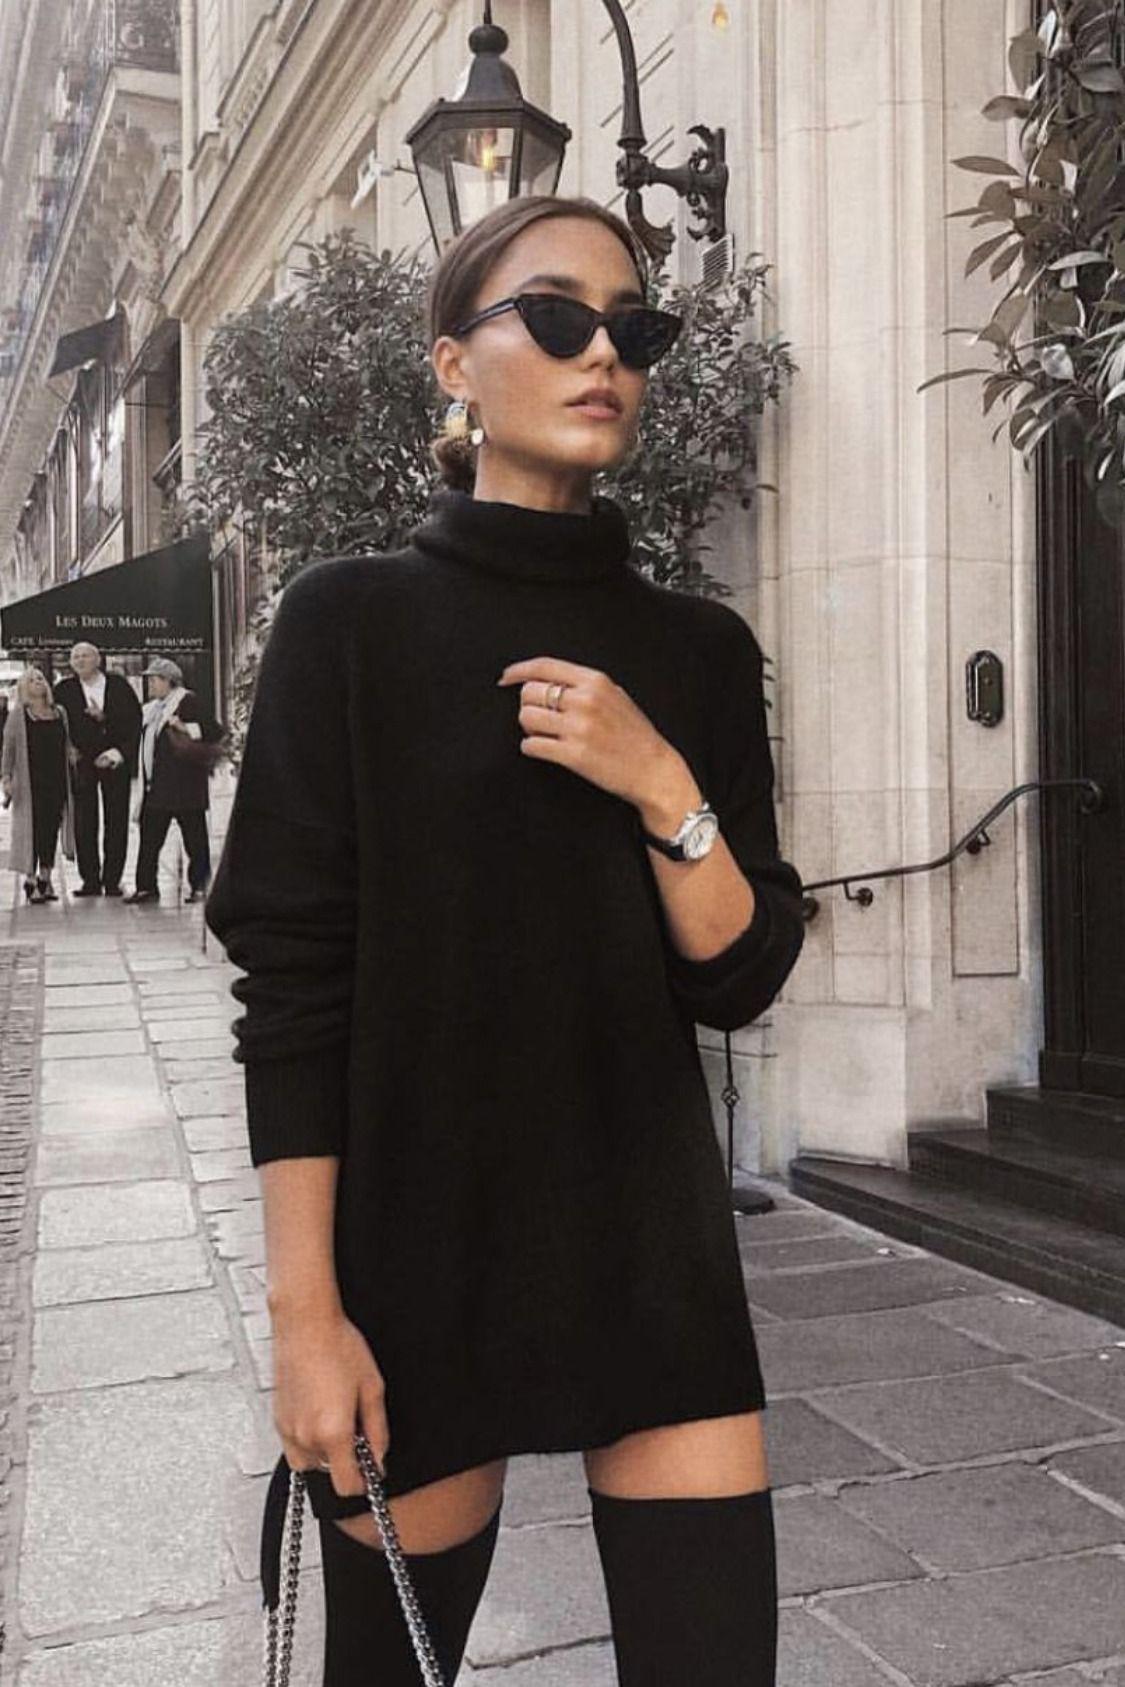 Black Boo Dress Fall Fashion Knee Street Styles Street Styles 2020 Street Styles Edgy Street Styles O Street Style Chic Fashion Fashion Inspo Outfits [ 1687 x 1125 Pixel ]